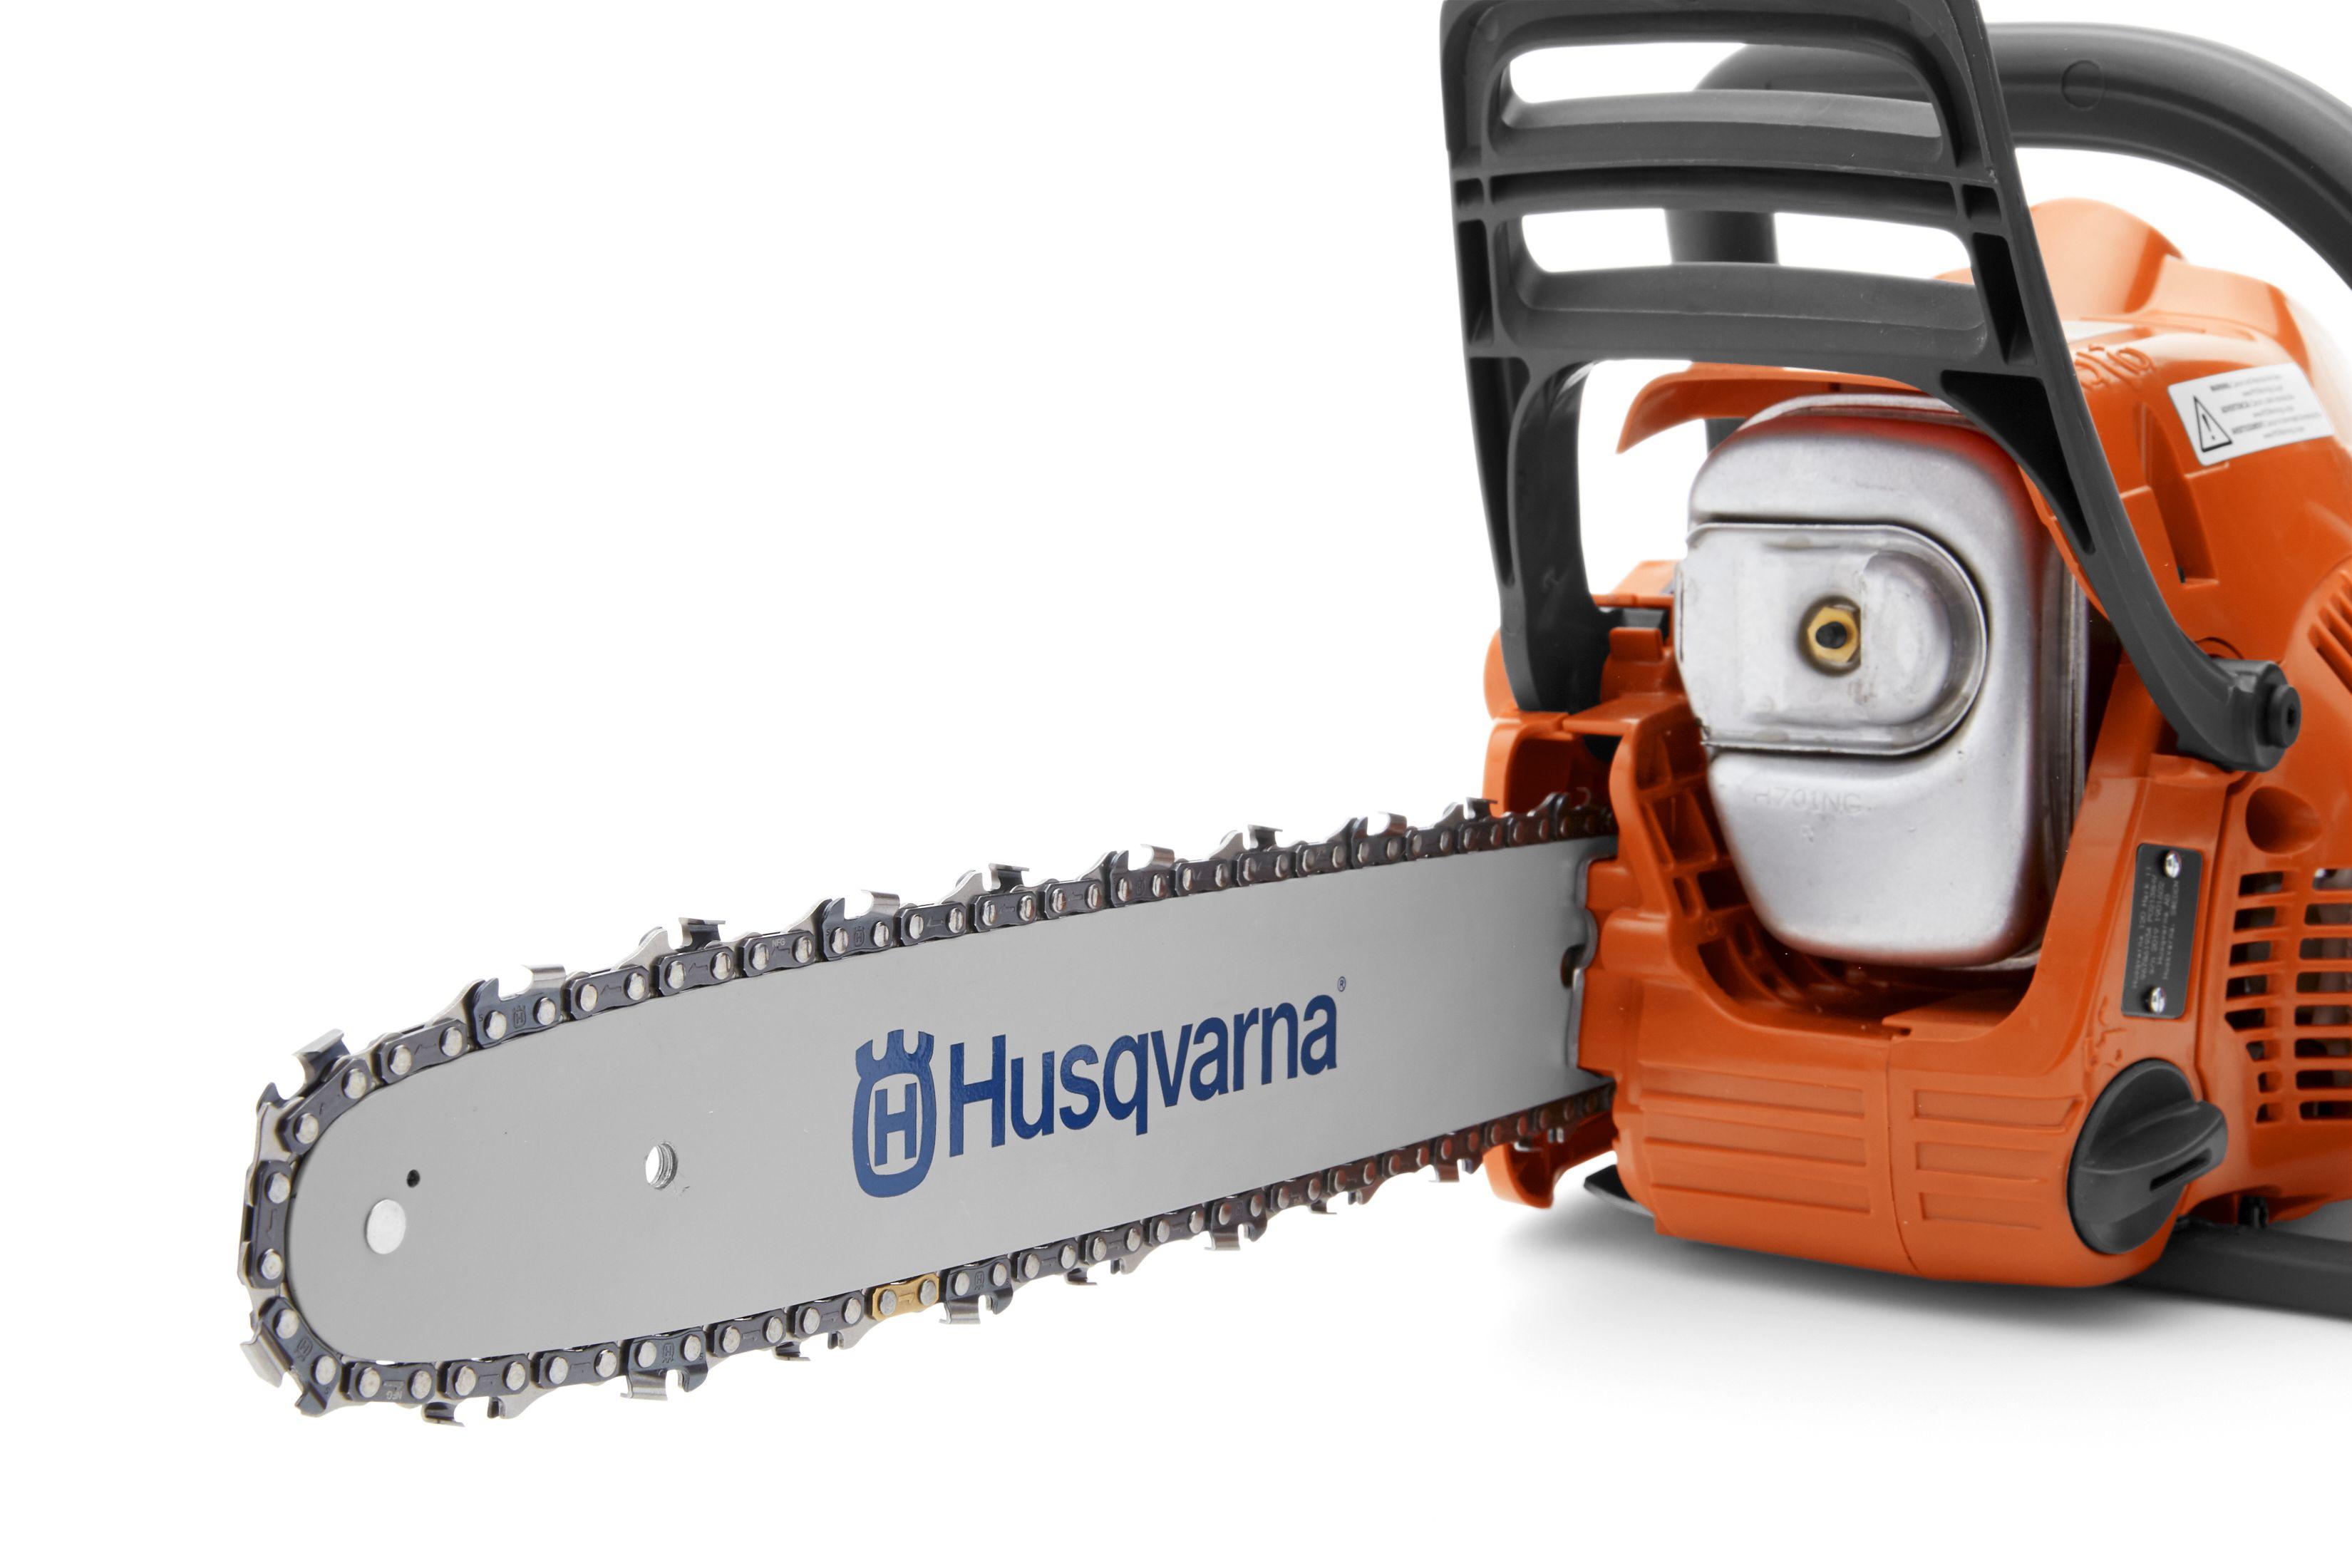 Бензопилы husqvarna — устройство, ремонт, обзор моделей в википедии строительного инструмента - instrument-wiki.ru